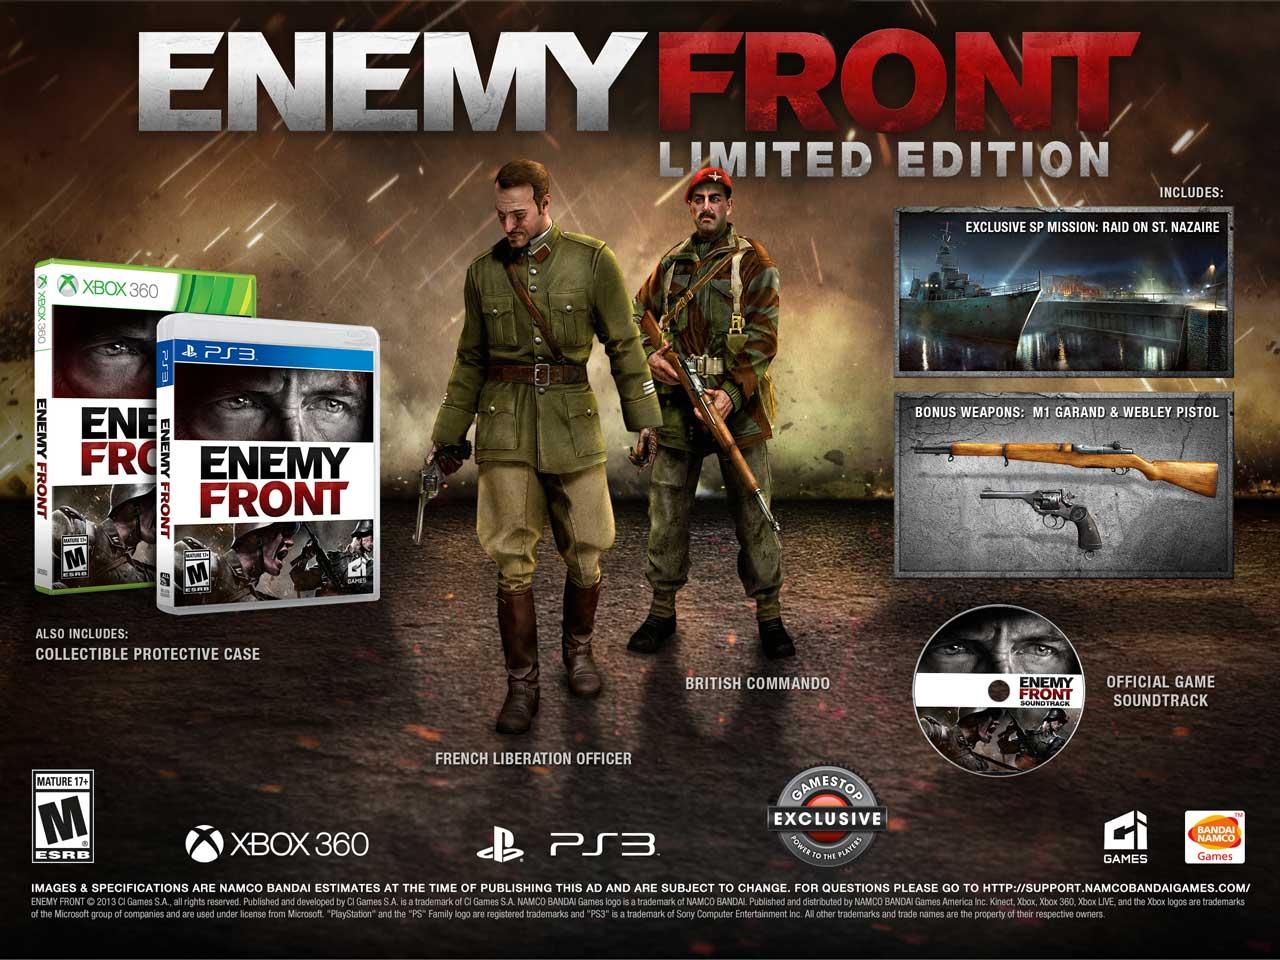 Limitovaná edice Enemy Front s exkluzivním obsahem 95418